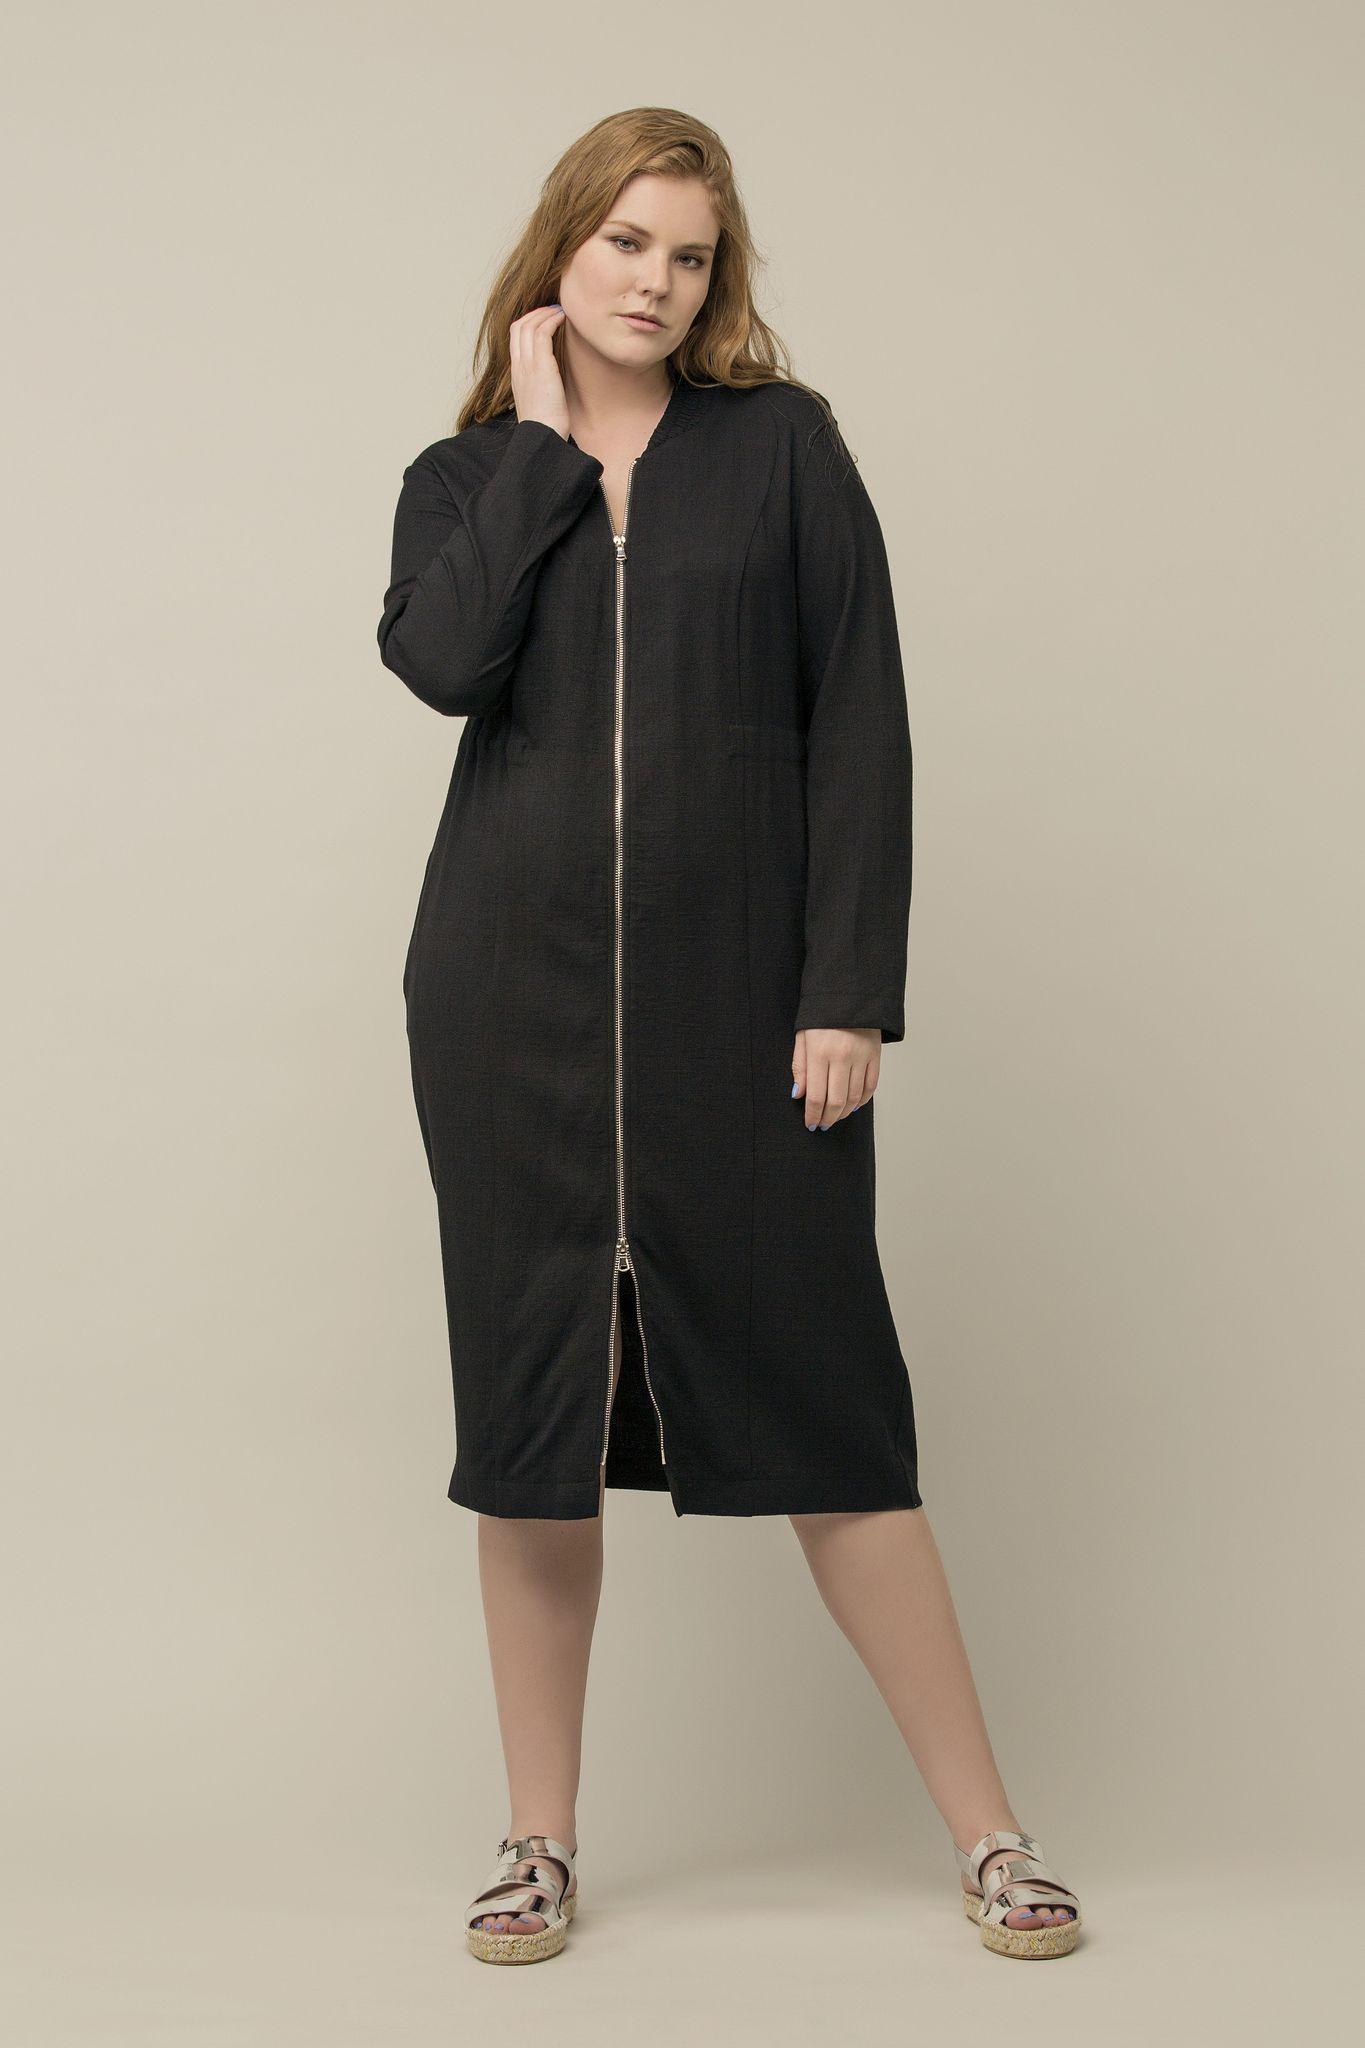 Платье LE-04 D03 01Платья<br>Платье в стиле спорт-шик  из лимитированной капсулы LE-4. Двусторонняя молния, фактурный хлопок с эластаном, потайная кулиска на талии и глубокие карманы выводят это платье на новый уровень комфорта. Можно носить как платье, а можно как летнее пальто. Сочетается с любыми брюками и обувью.<br>